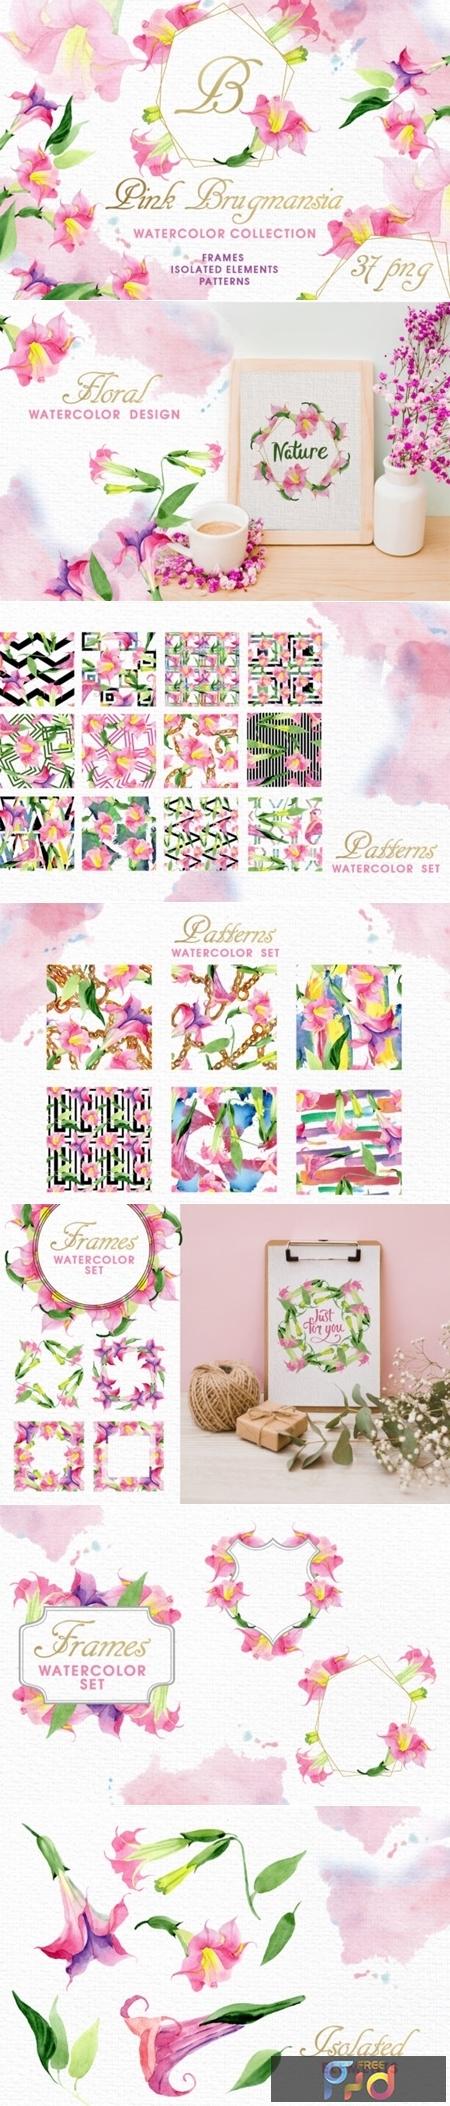 Pink Brugmansia Watercolor Png 1539360 1